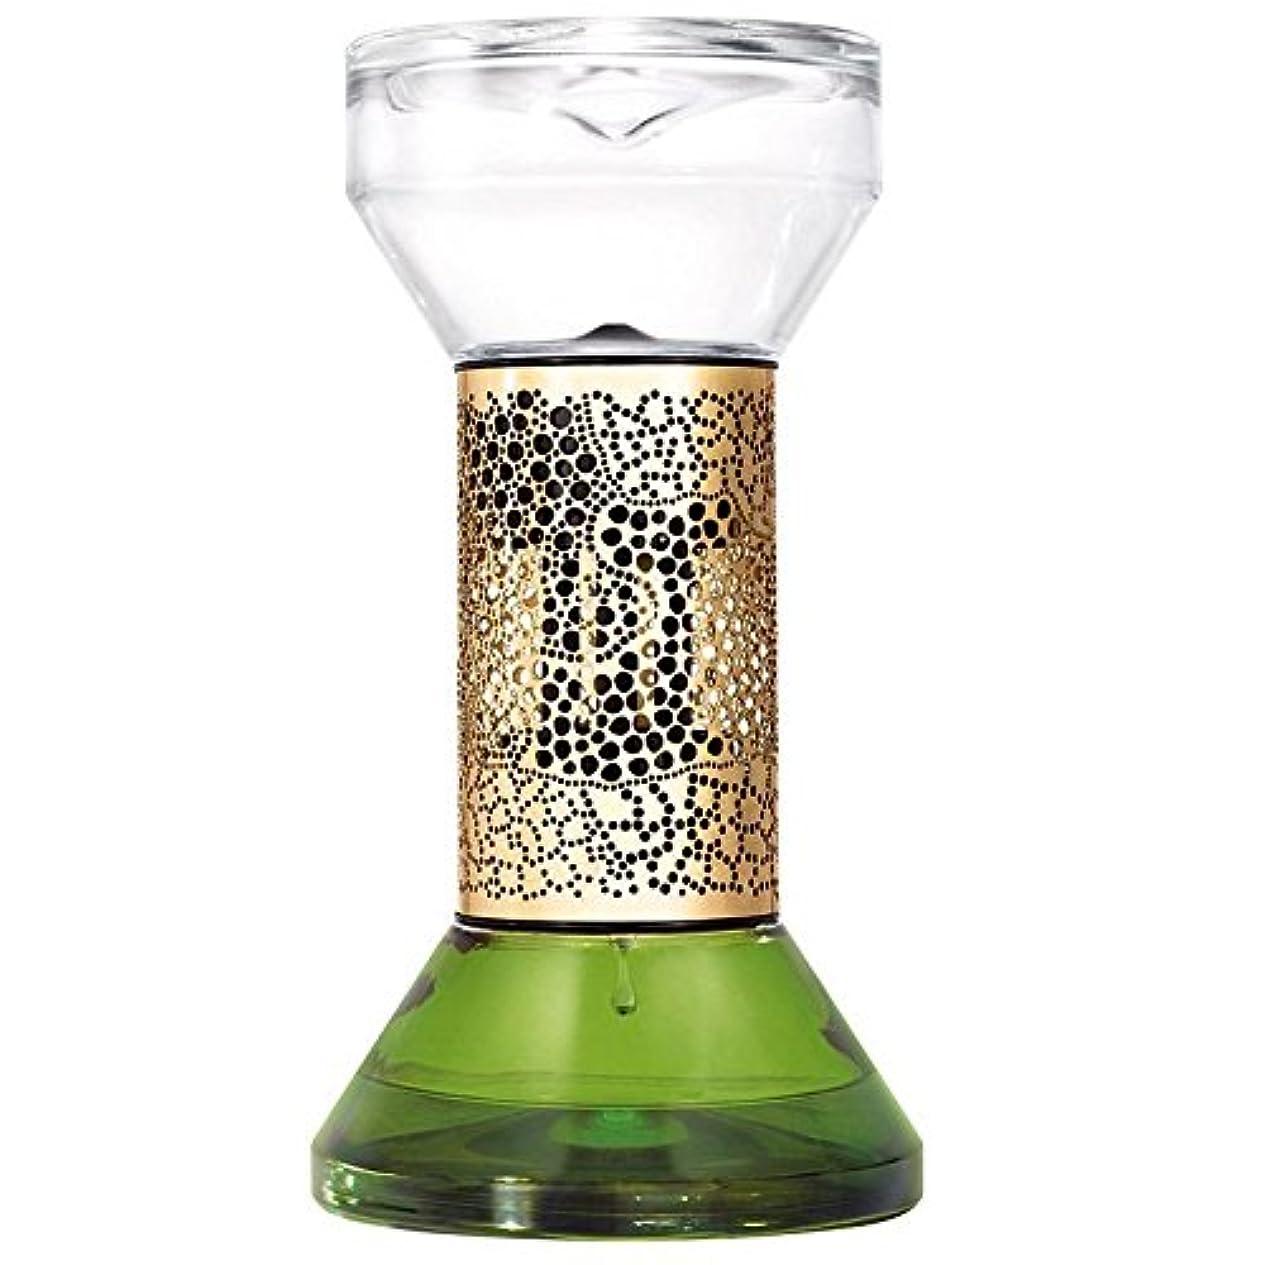 ルビー好む心臓Diptyque - Figuier Hourglass Diffuser (ディプティック フィギュアー アワー グラス ディフューザー) 2.5 oz (75ml) New